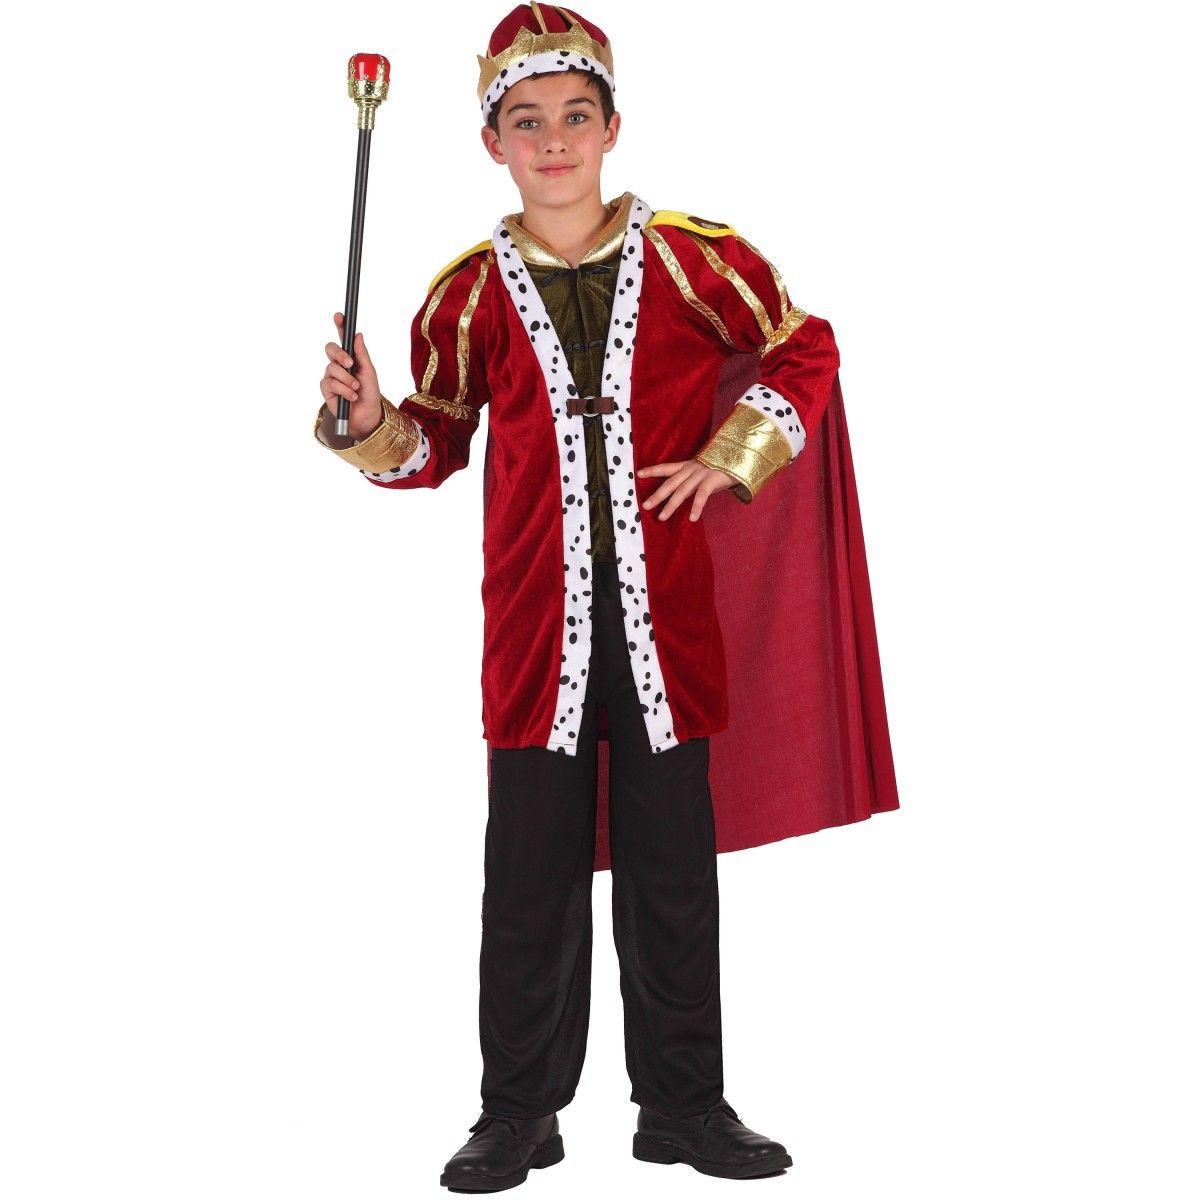 Disfraz de Rey Medieval infantil #disfraces #medieval #costumes  sc 1 st  Pinterest & Disfraz de Rey Medieval infantil #disfraces #medieval #costumes ...